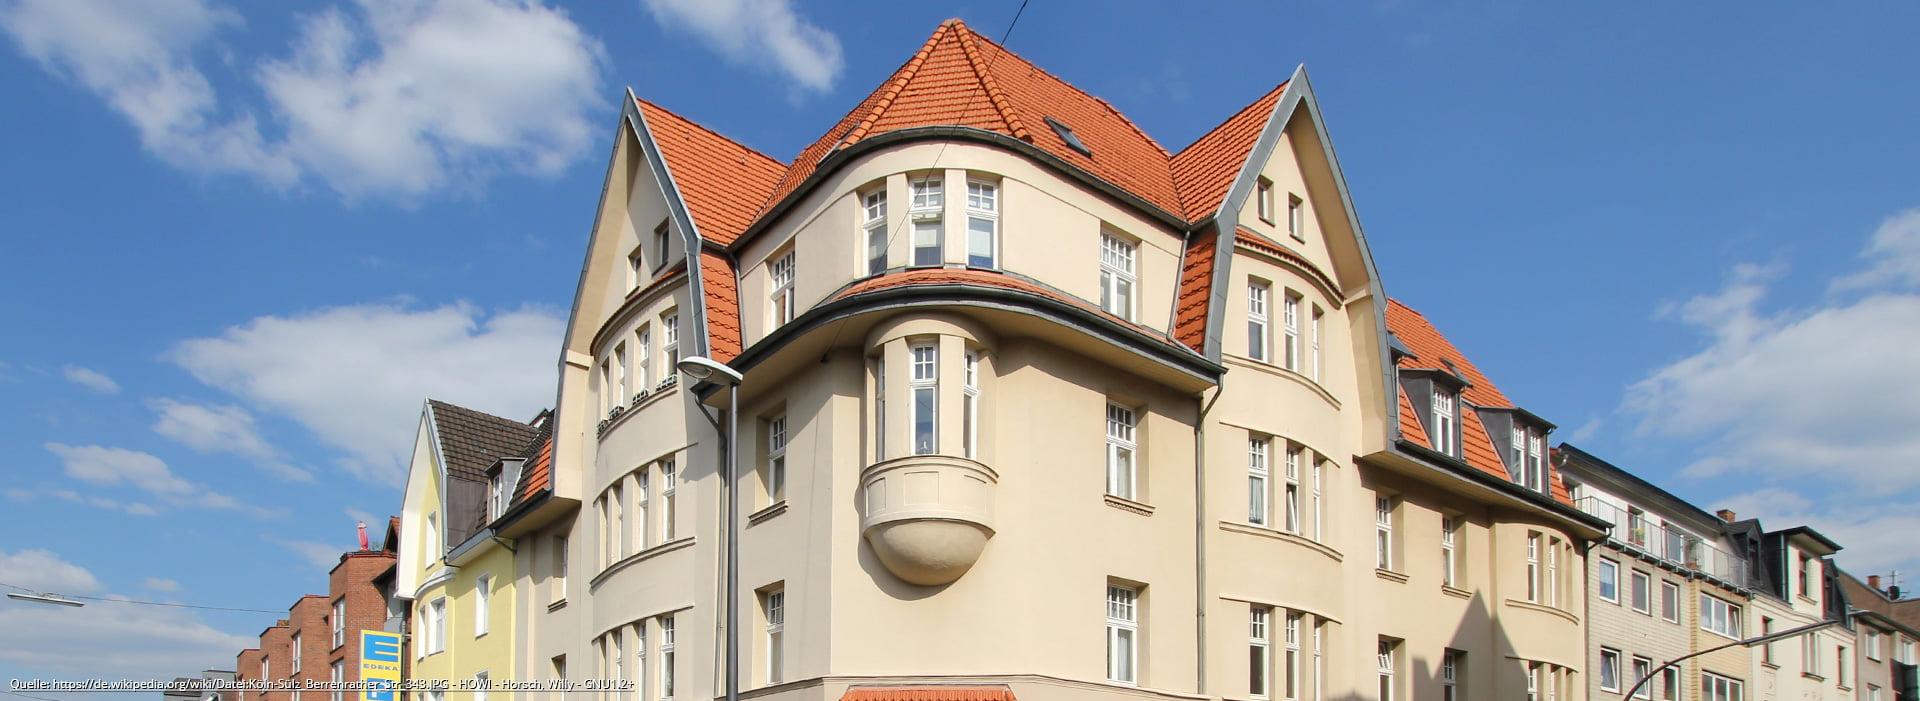 Das wohnen im Veedel Sülz in Köln